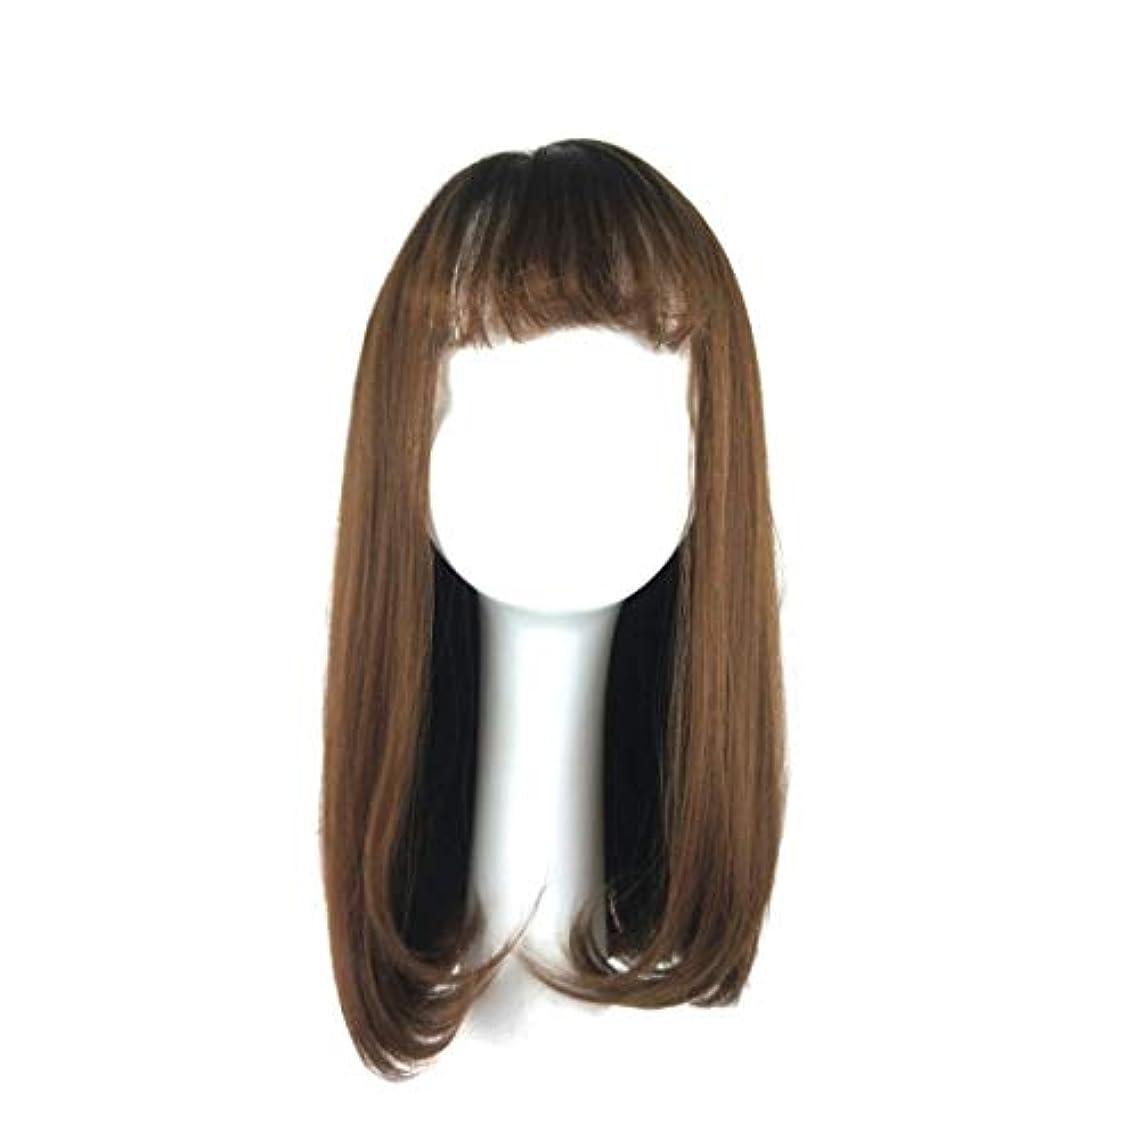 見落とす施しトークンSummerys 女性のための合成かつら自然に見える長い波状別れ耐熱交換かつら